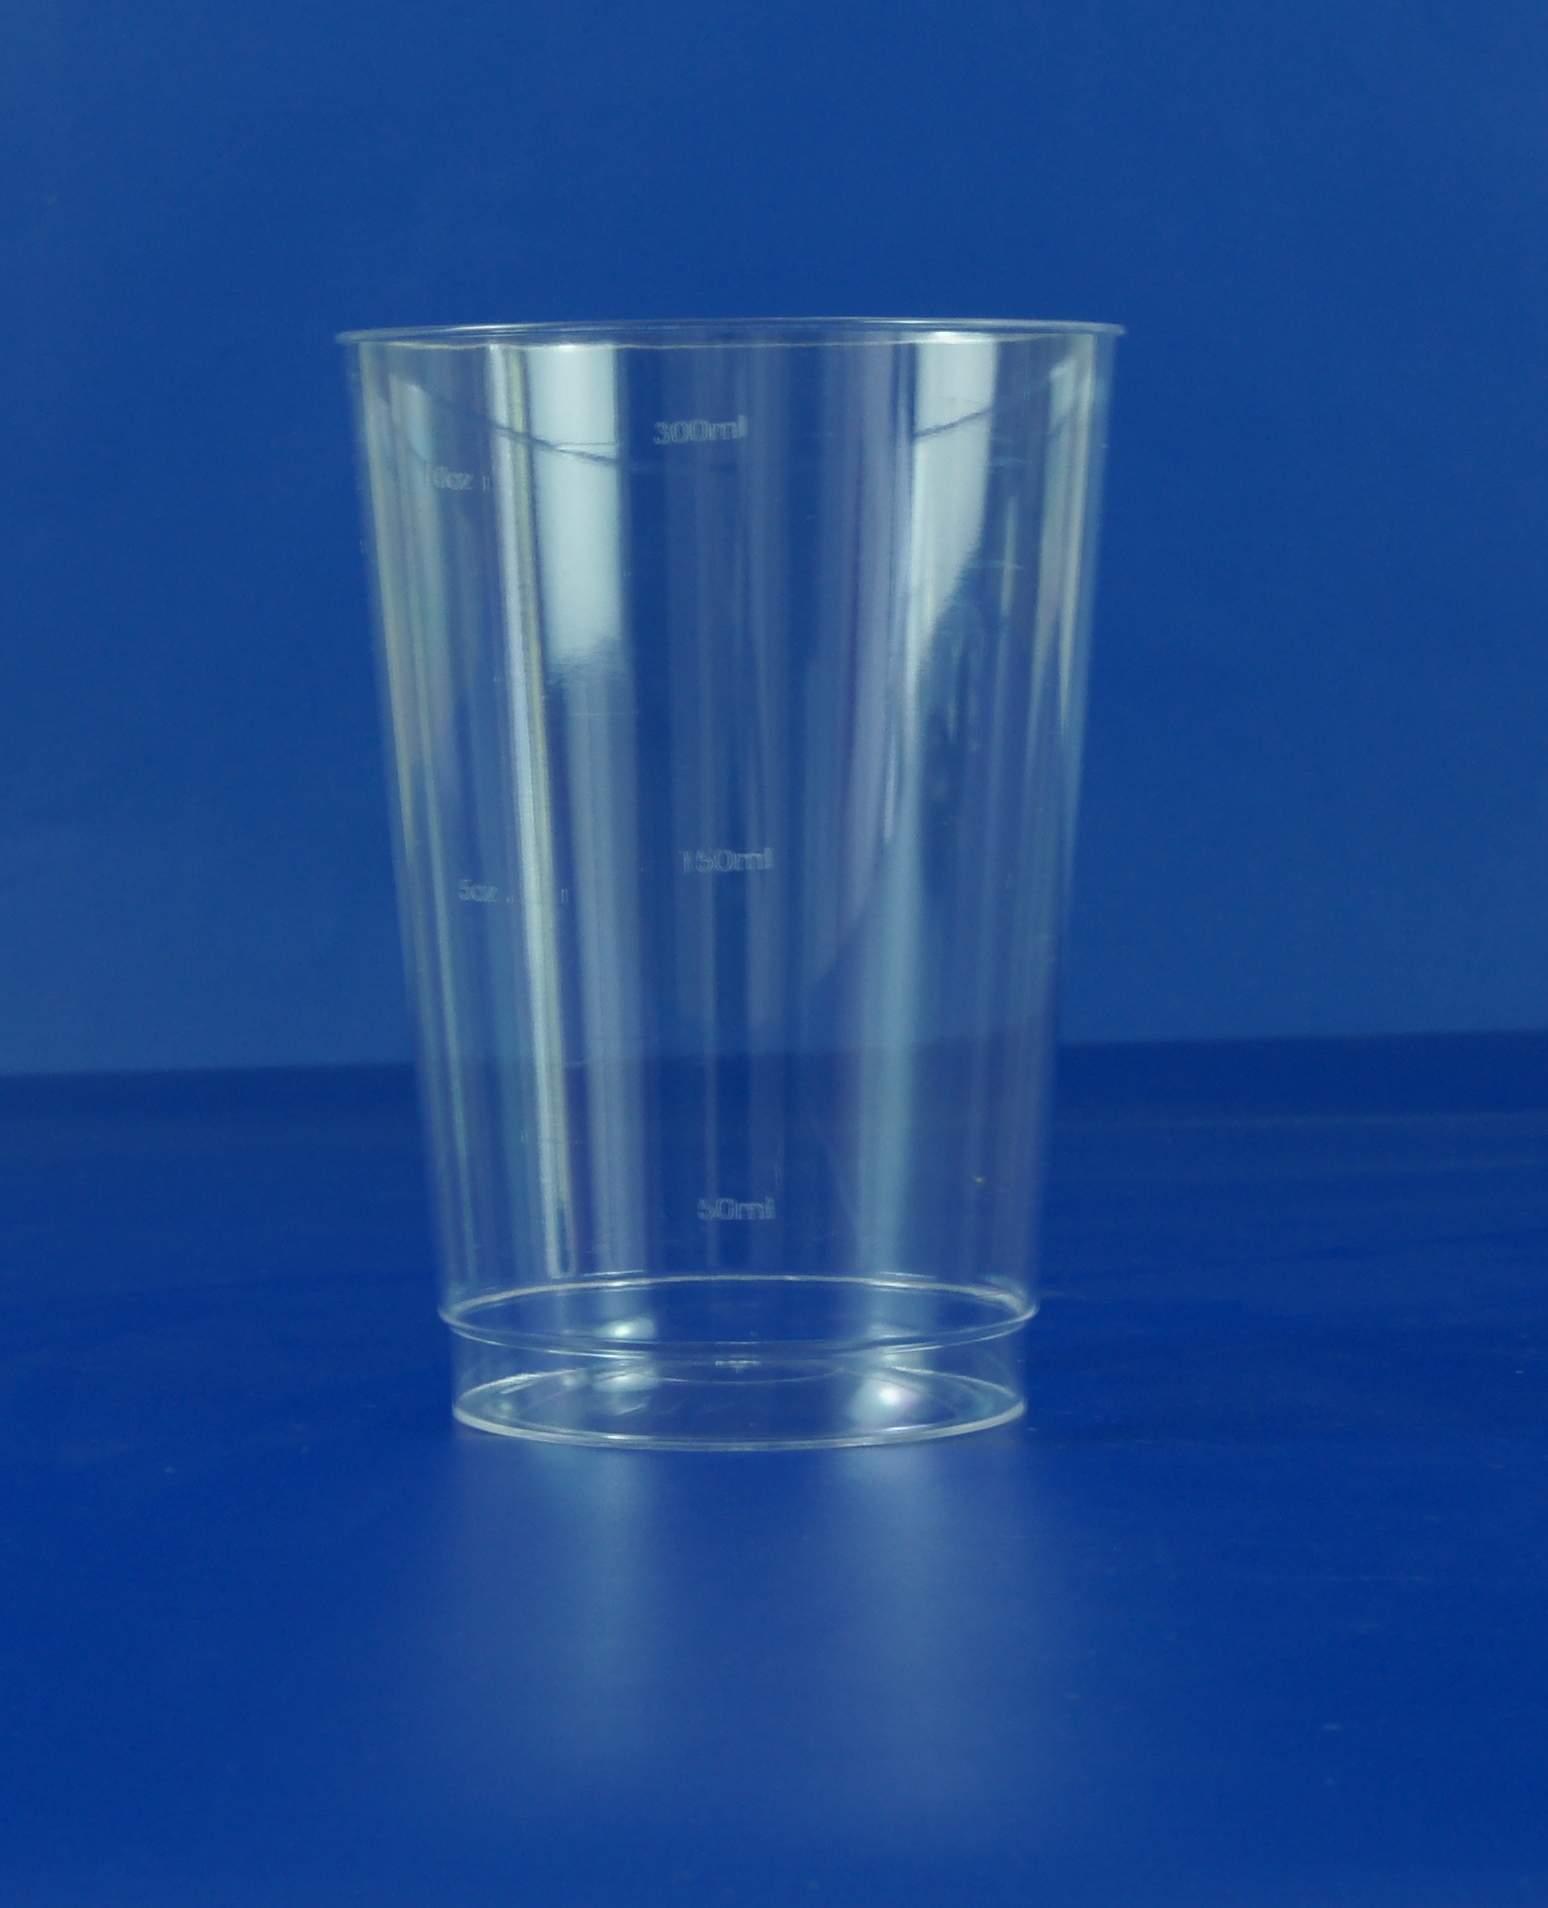 在小杯子里的塑胶动物照片